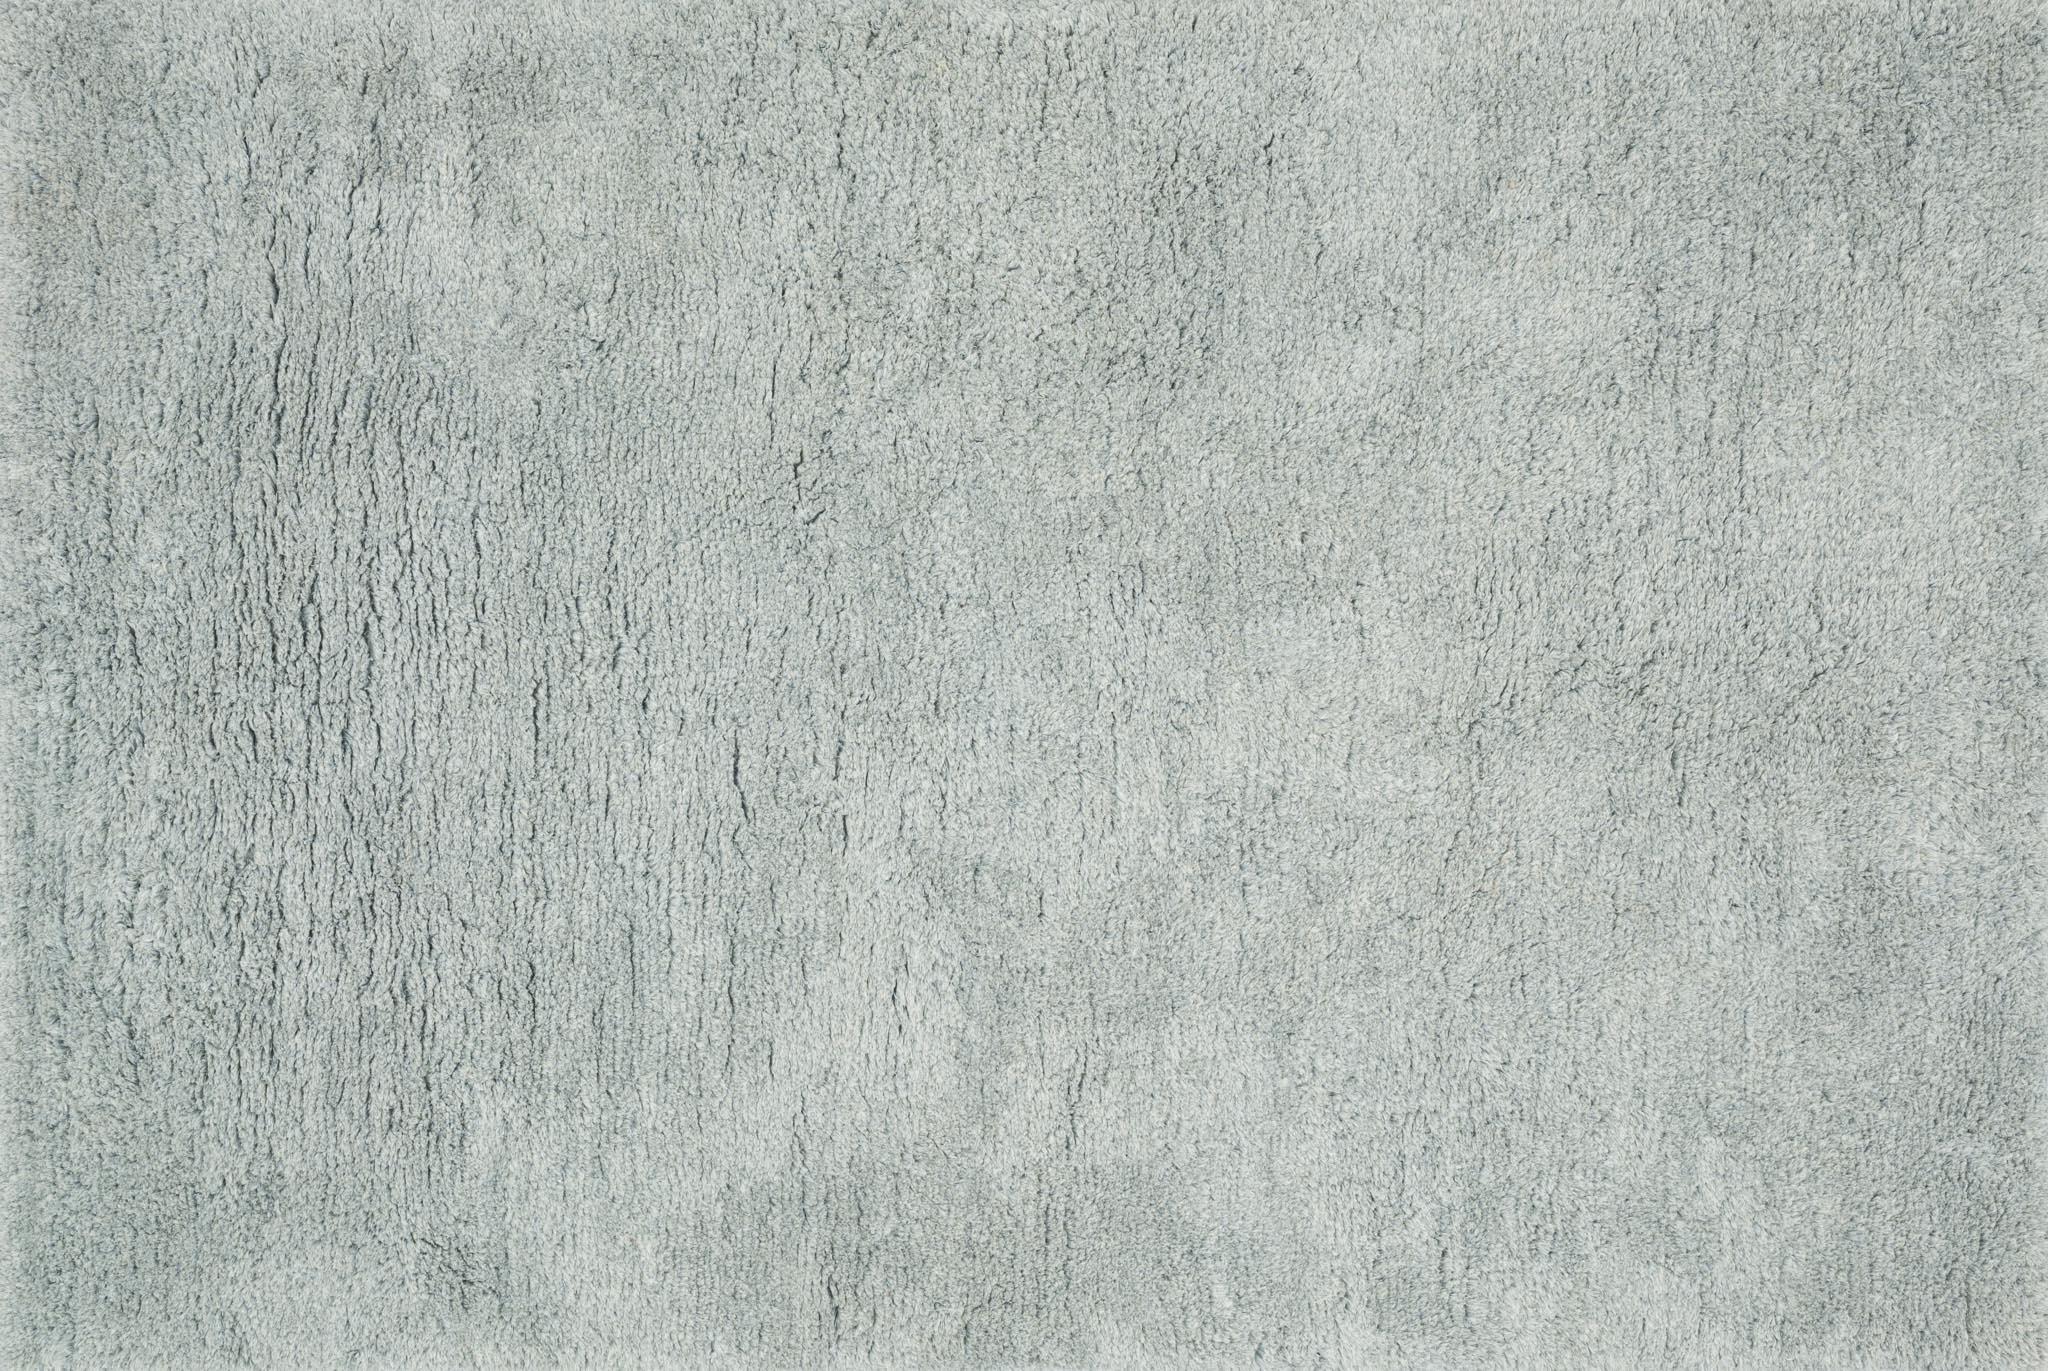 Loloi Mason Shag Mh 01 Grey Mist Rug